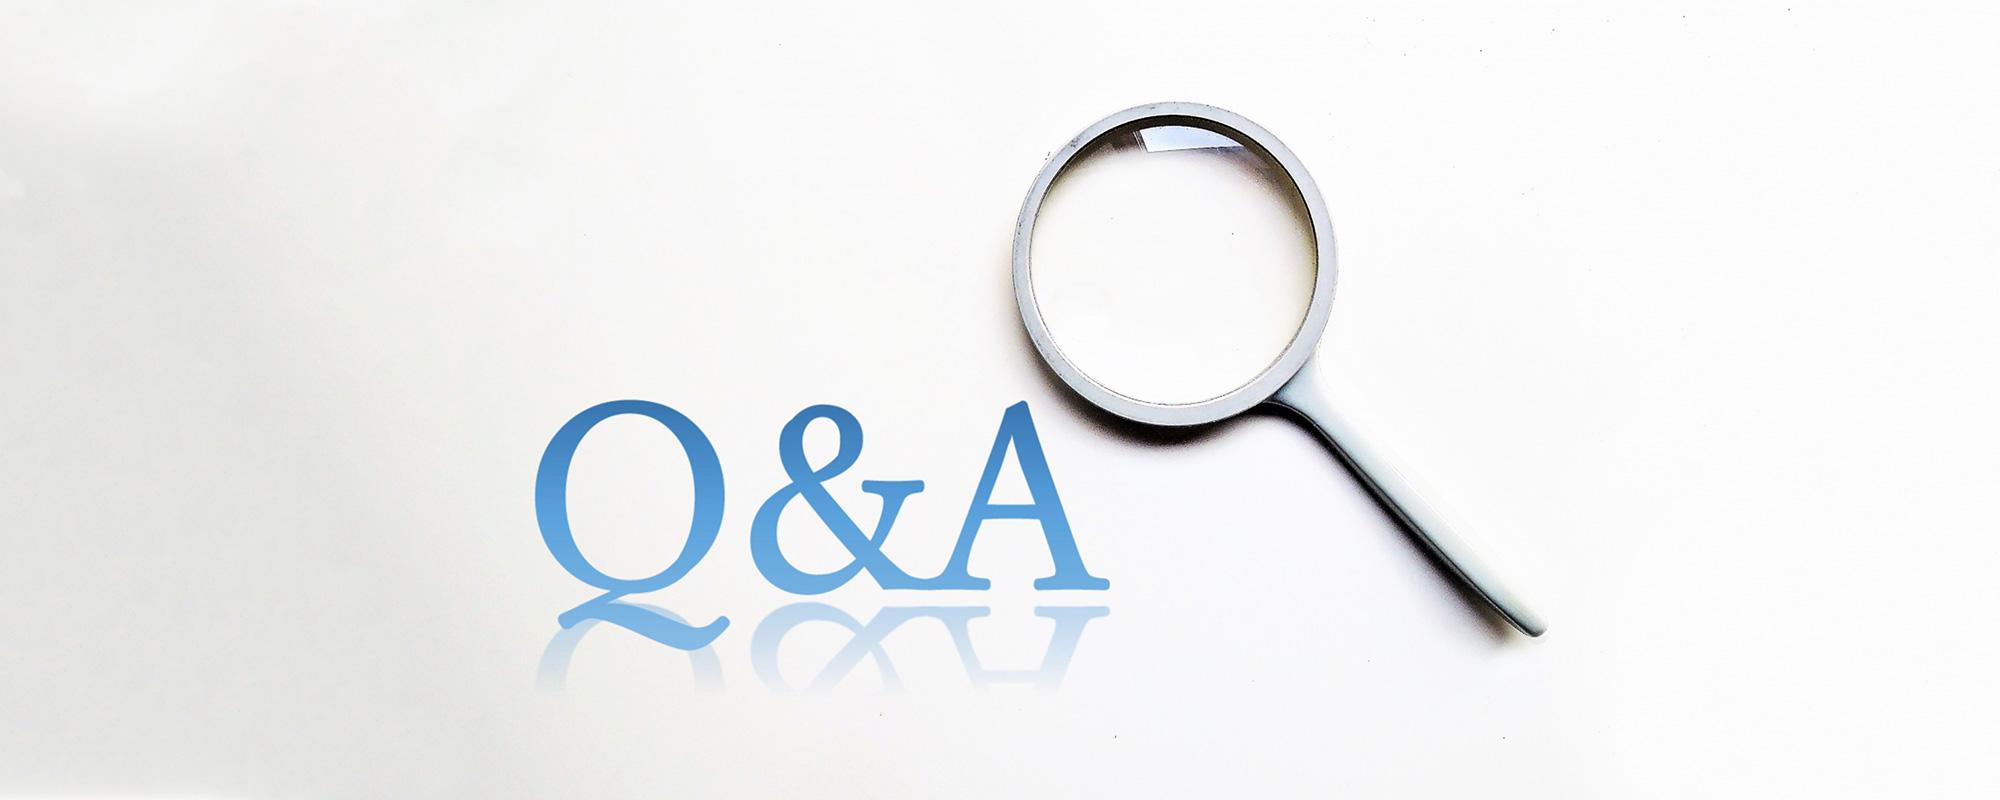 プラント・溶接事業の求人Q&A